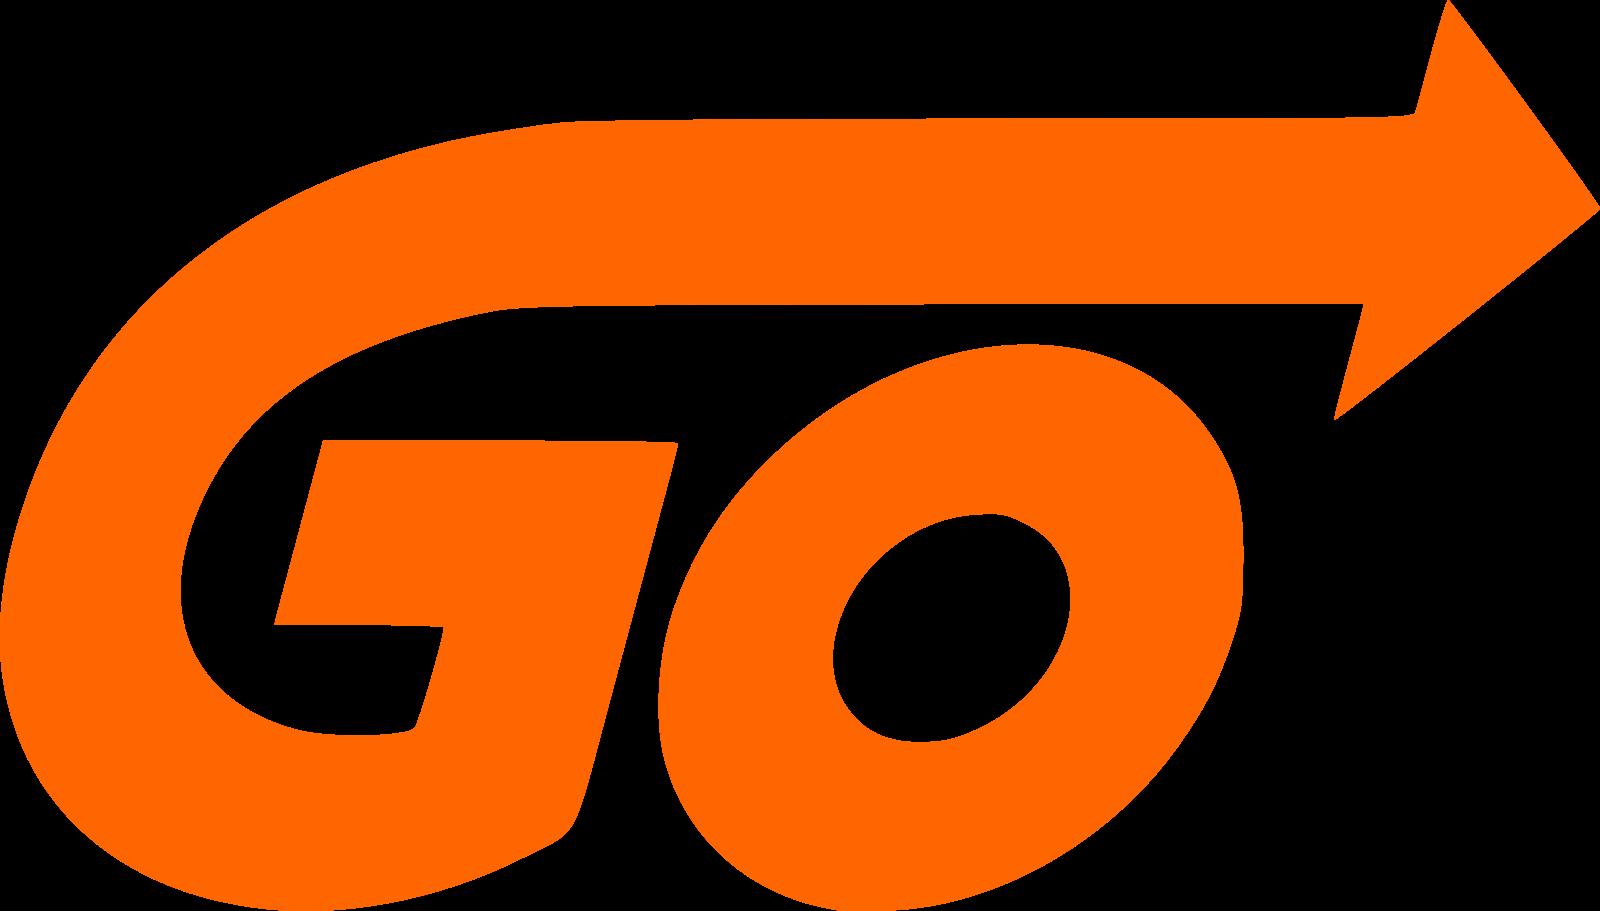 3c290bad58